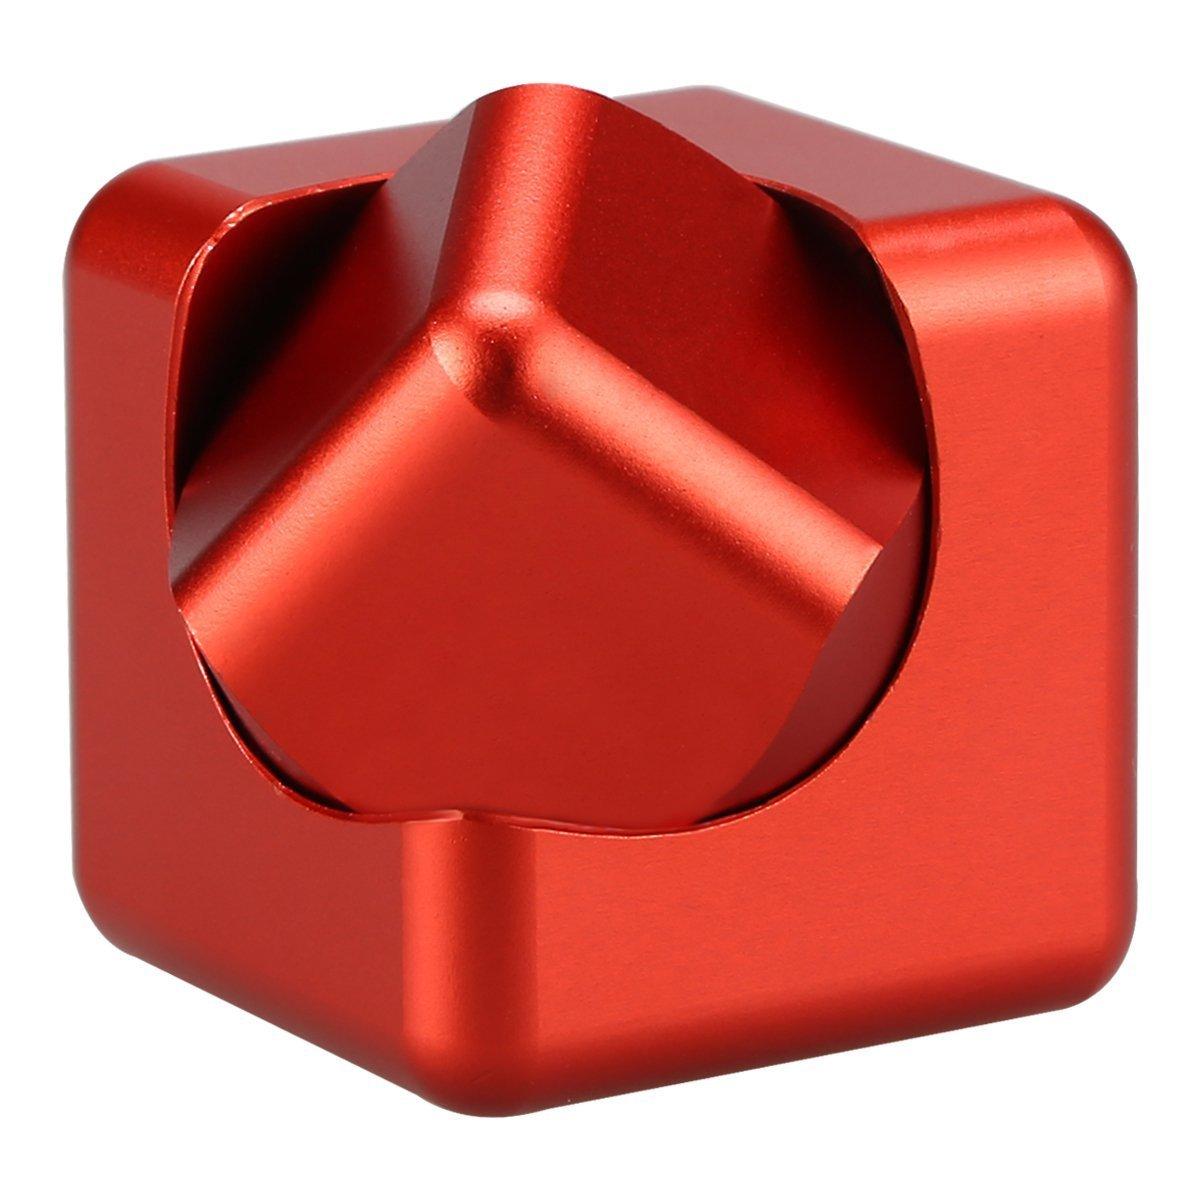 sunandy Novelty Fidget cubo dados juguete de alta velocidad Rodamientos EDC Focus Toy estr/és y ansiedad alivio Cube juguete regalo para adultos//ni/ños Fidget cubo mano juguete